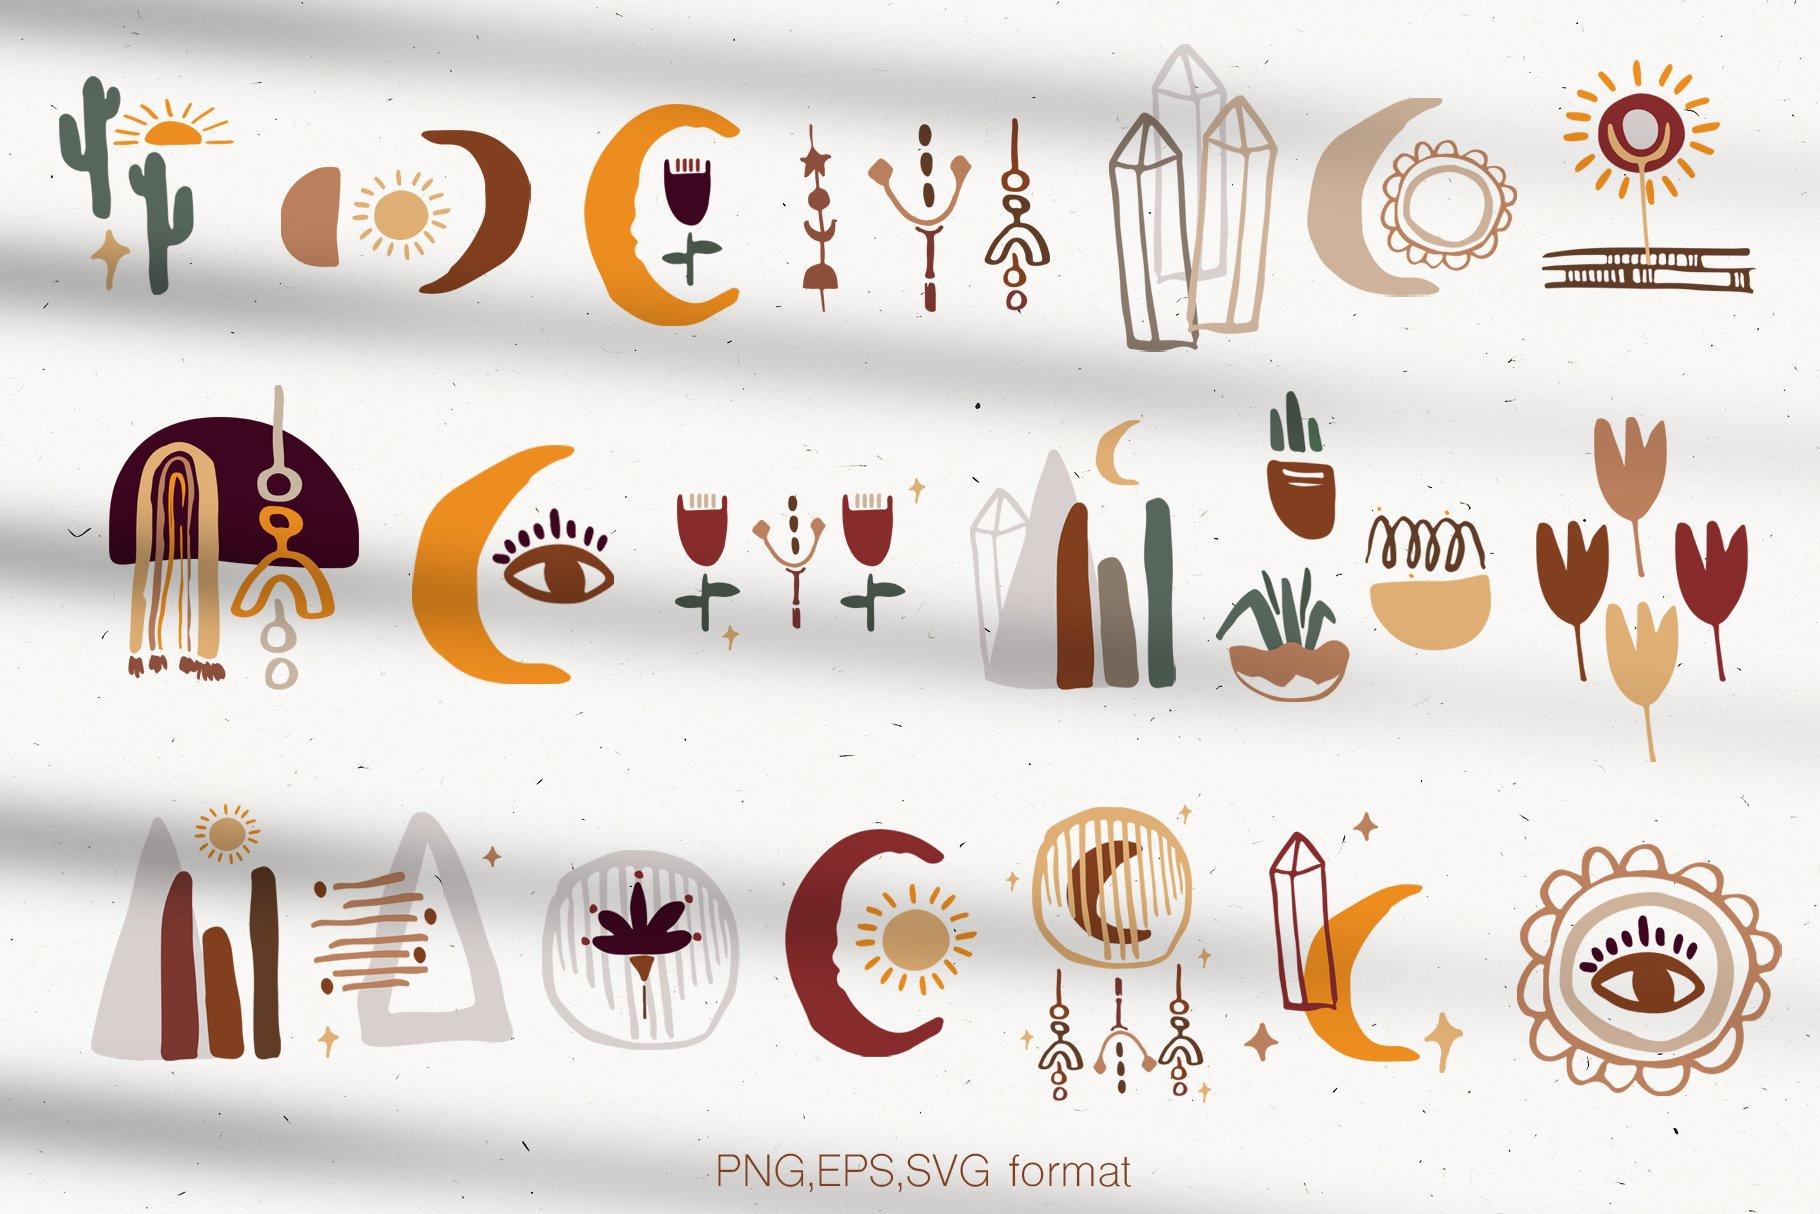 400多个波西米亚元素装饰图案背景AI图片素材 Boho Philosophy Collection插图(11)